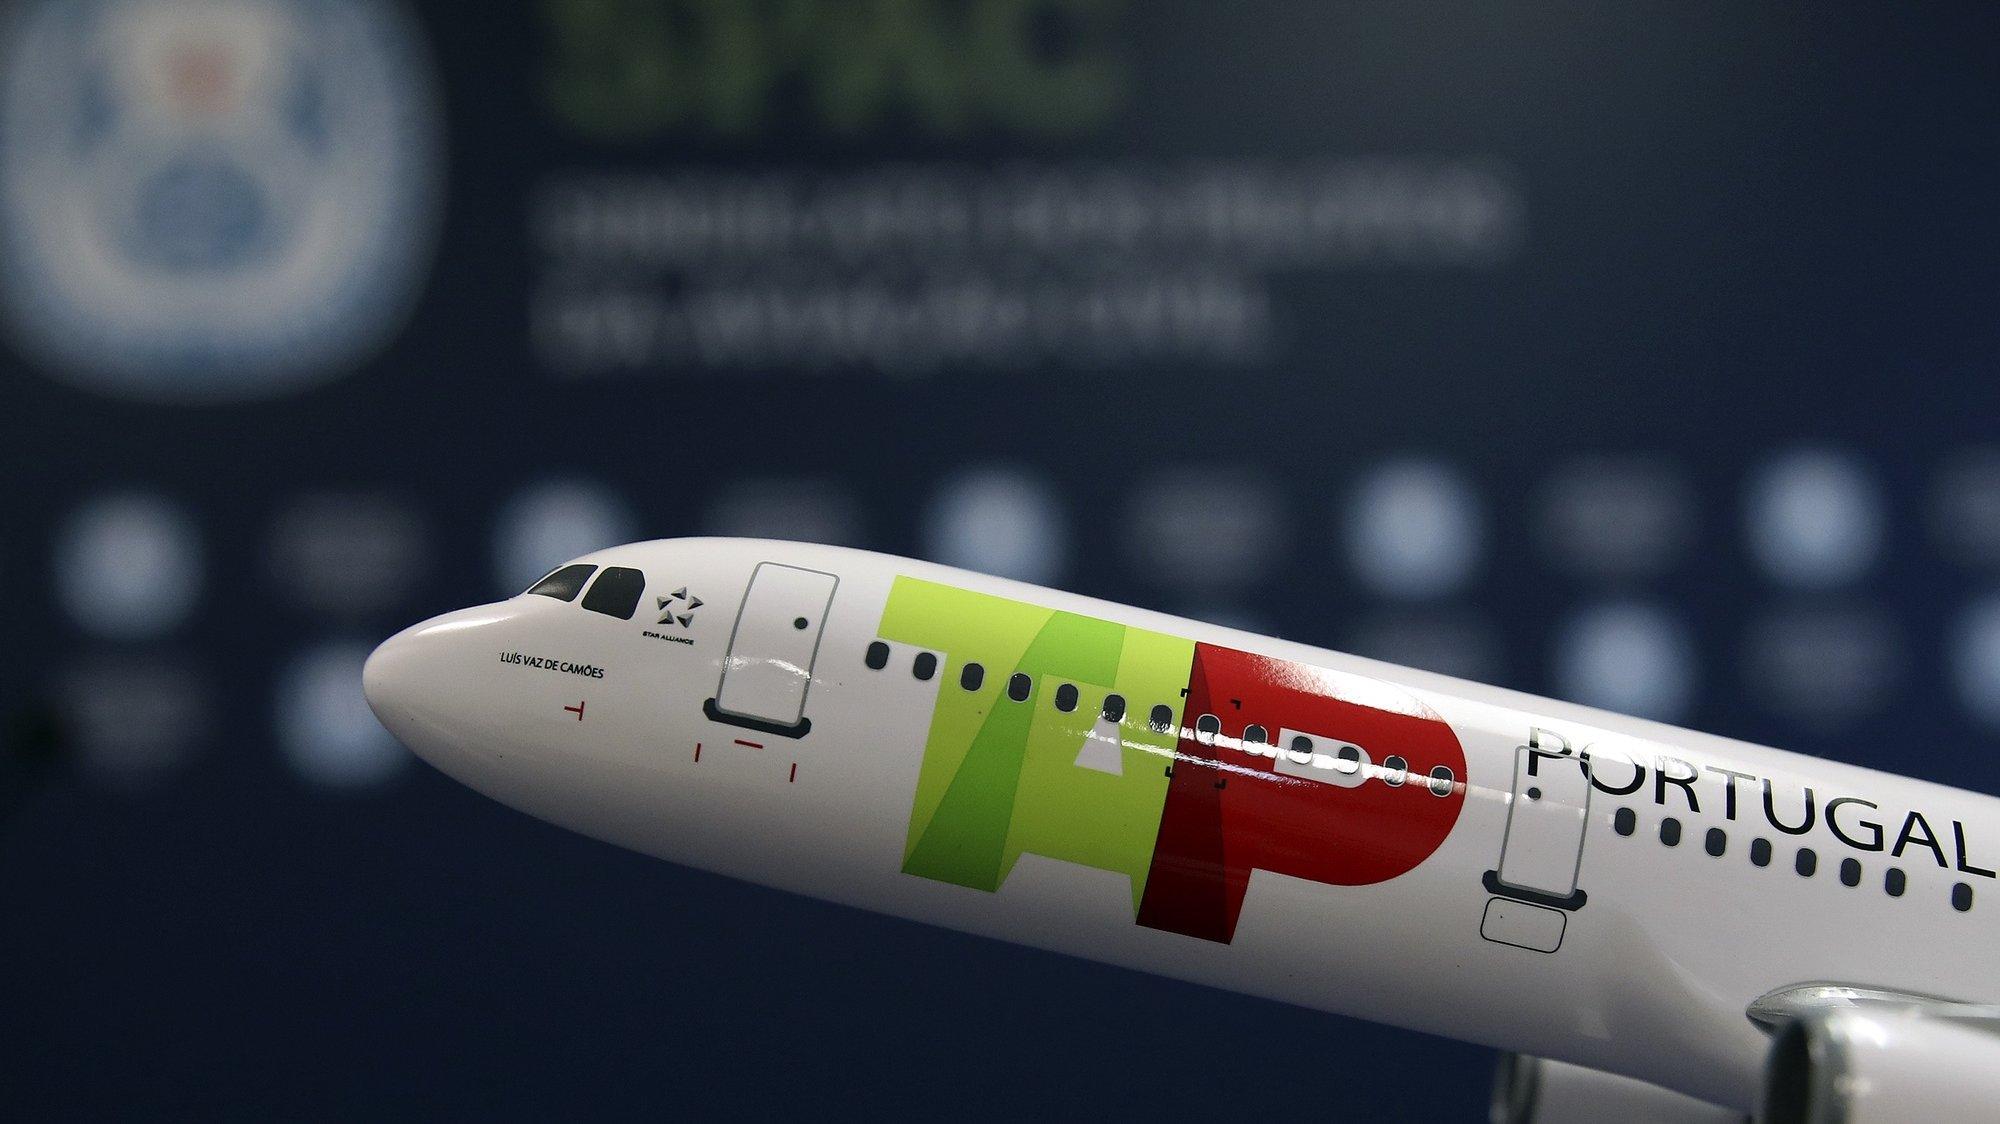 """Uma miniatura de um avião da TAP durante a conferência de imprensa do presidente do Sindicato dos Pilotos da Aviação Civil (SPAC), Alfredo Mendonça (ausente da fotografia), na sede do SPAC, em Lisboa, 11 de dezembro de 2020. O SPAC e o Sindicato Nacional do Pessoal de Voo da Aviação Civil (SNPVAC) apelaram ao Governo que negoceie com Bruxelas o adiamento da apresentação do plano de reestruturação da TAP, denunciando que este está baseado em previsões de mercado """"completamente desatualizadas"""". MANUEL DE ALMEIDA/LUSA"""